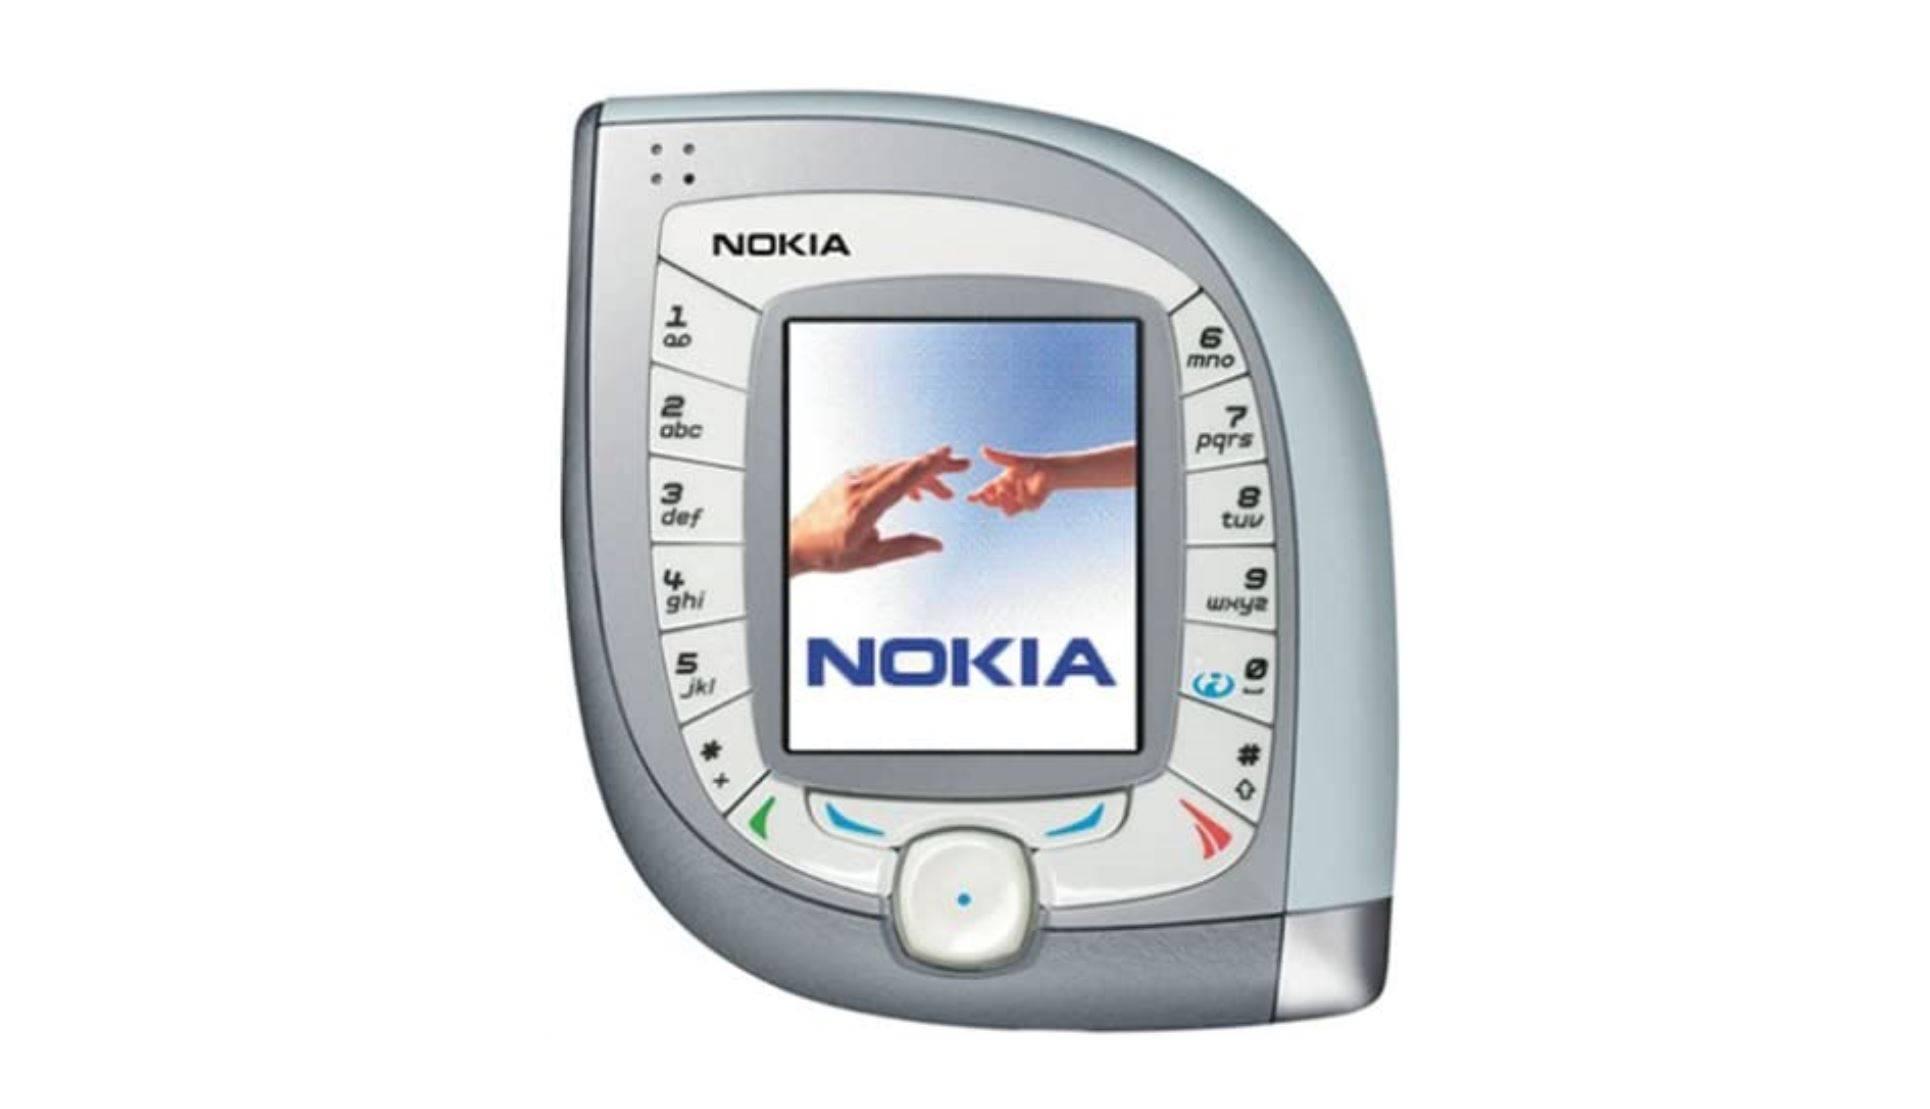 Das Nokia von heute ist nicht mehr das Nokia von früher – das waren die kuriosesten Handy-Klassiker